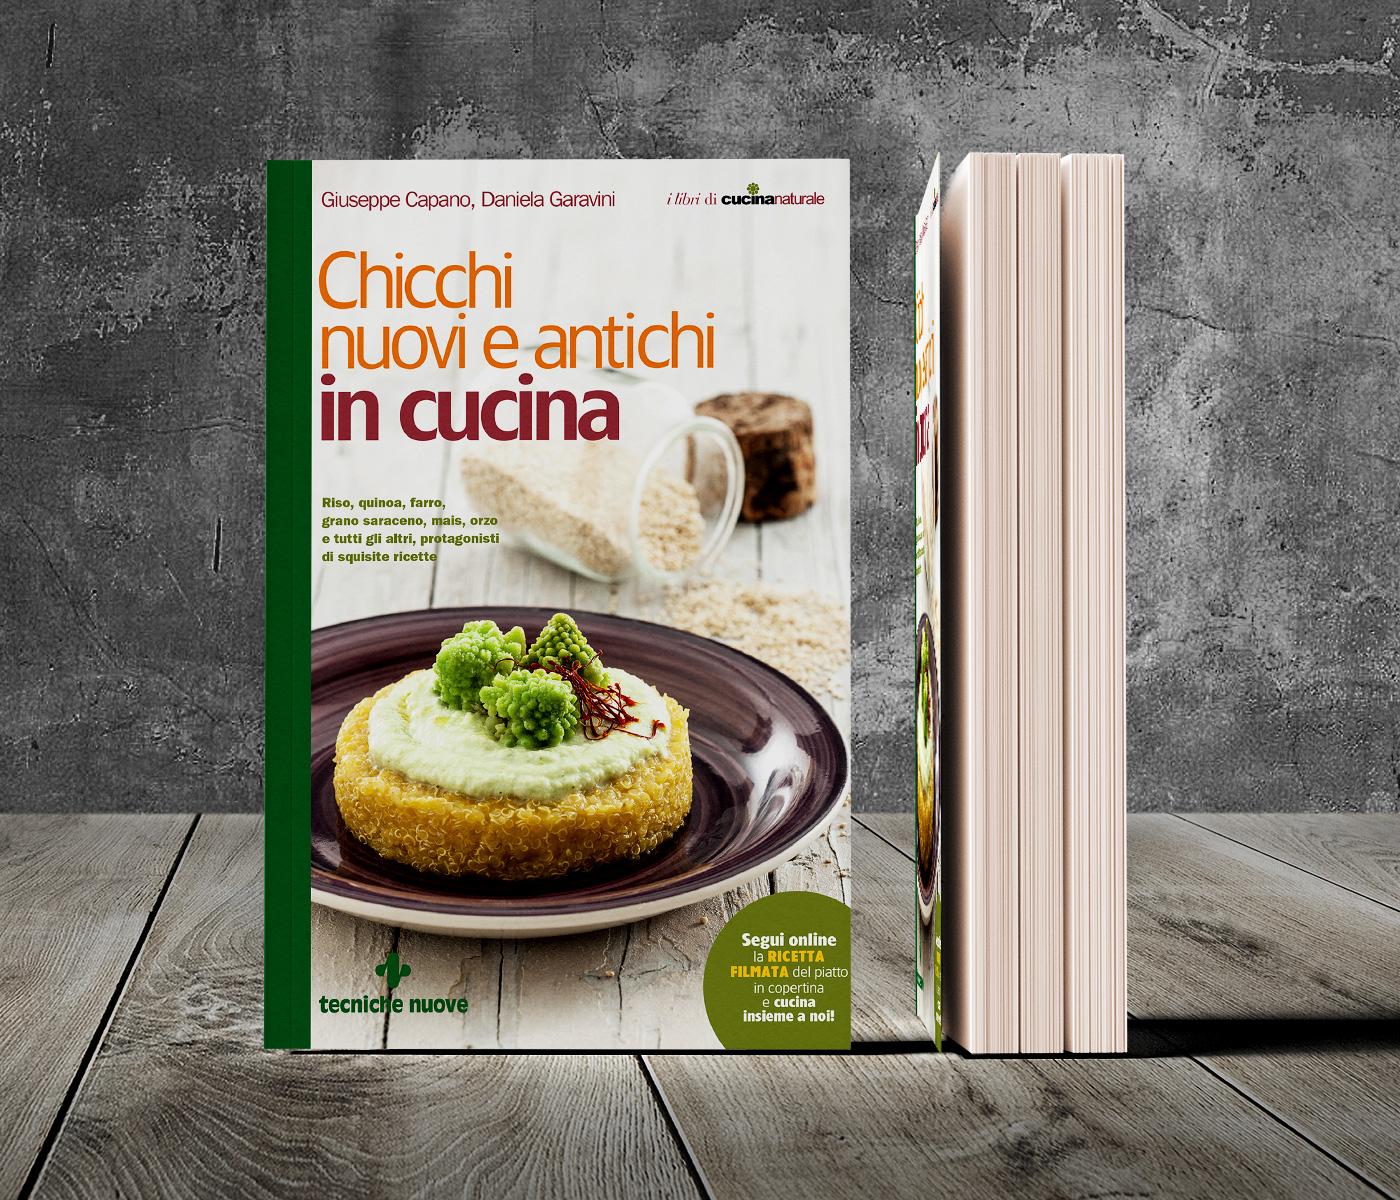 La Cucina A Basso Indice Glicemico Il Libro Di Giuseppe Capano